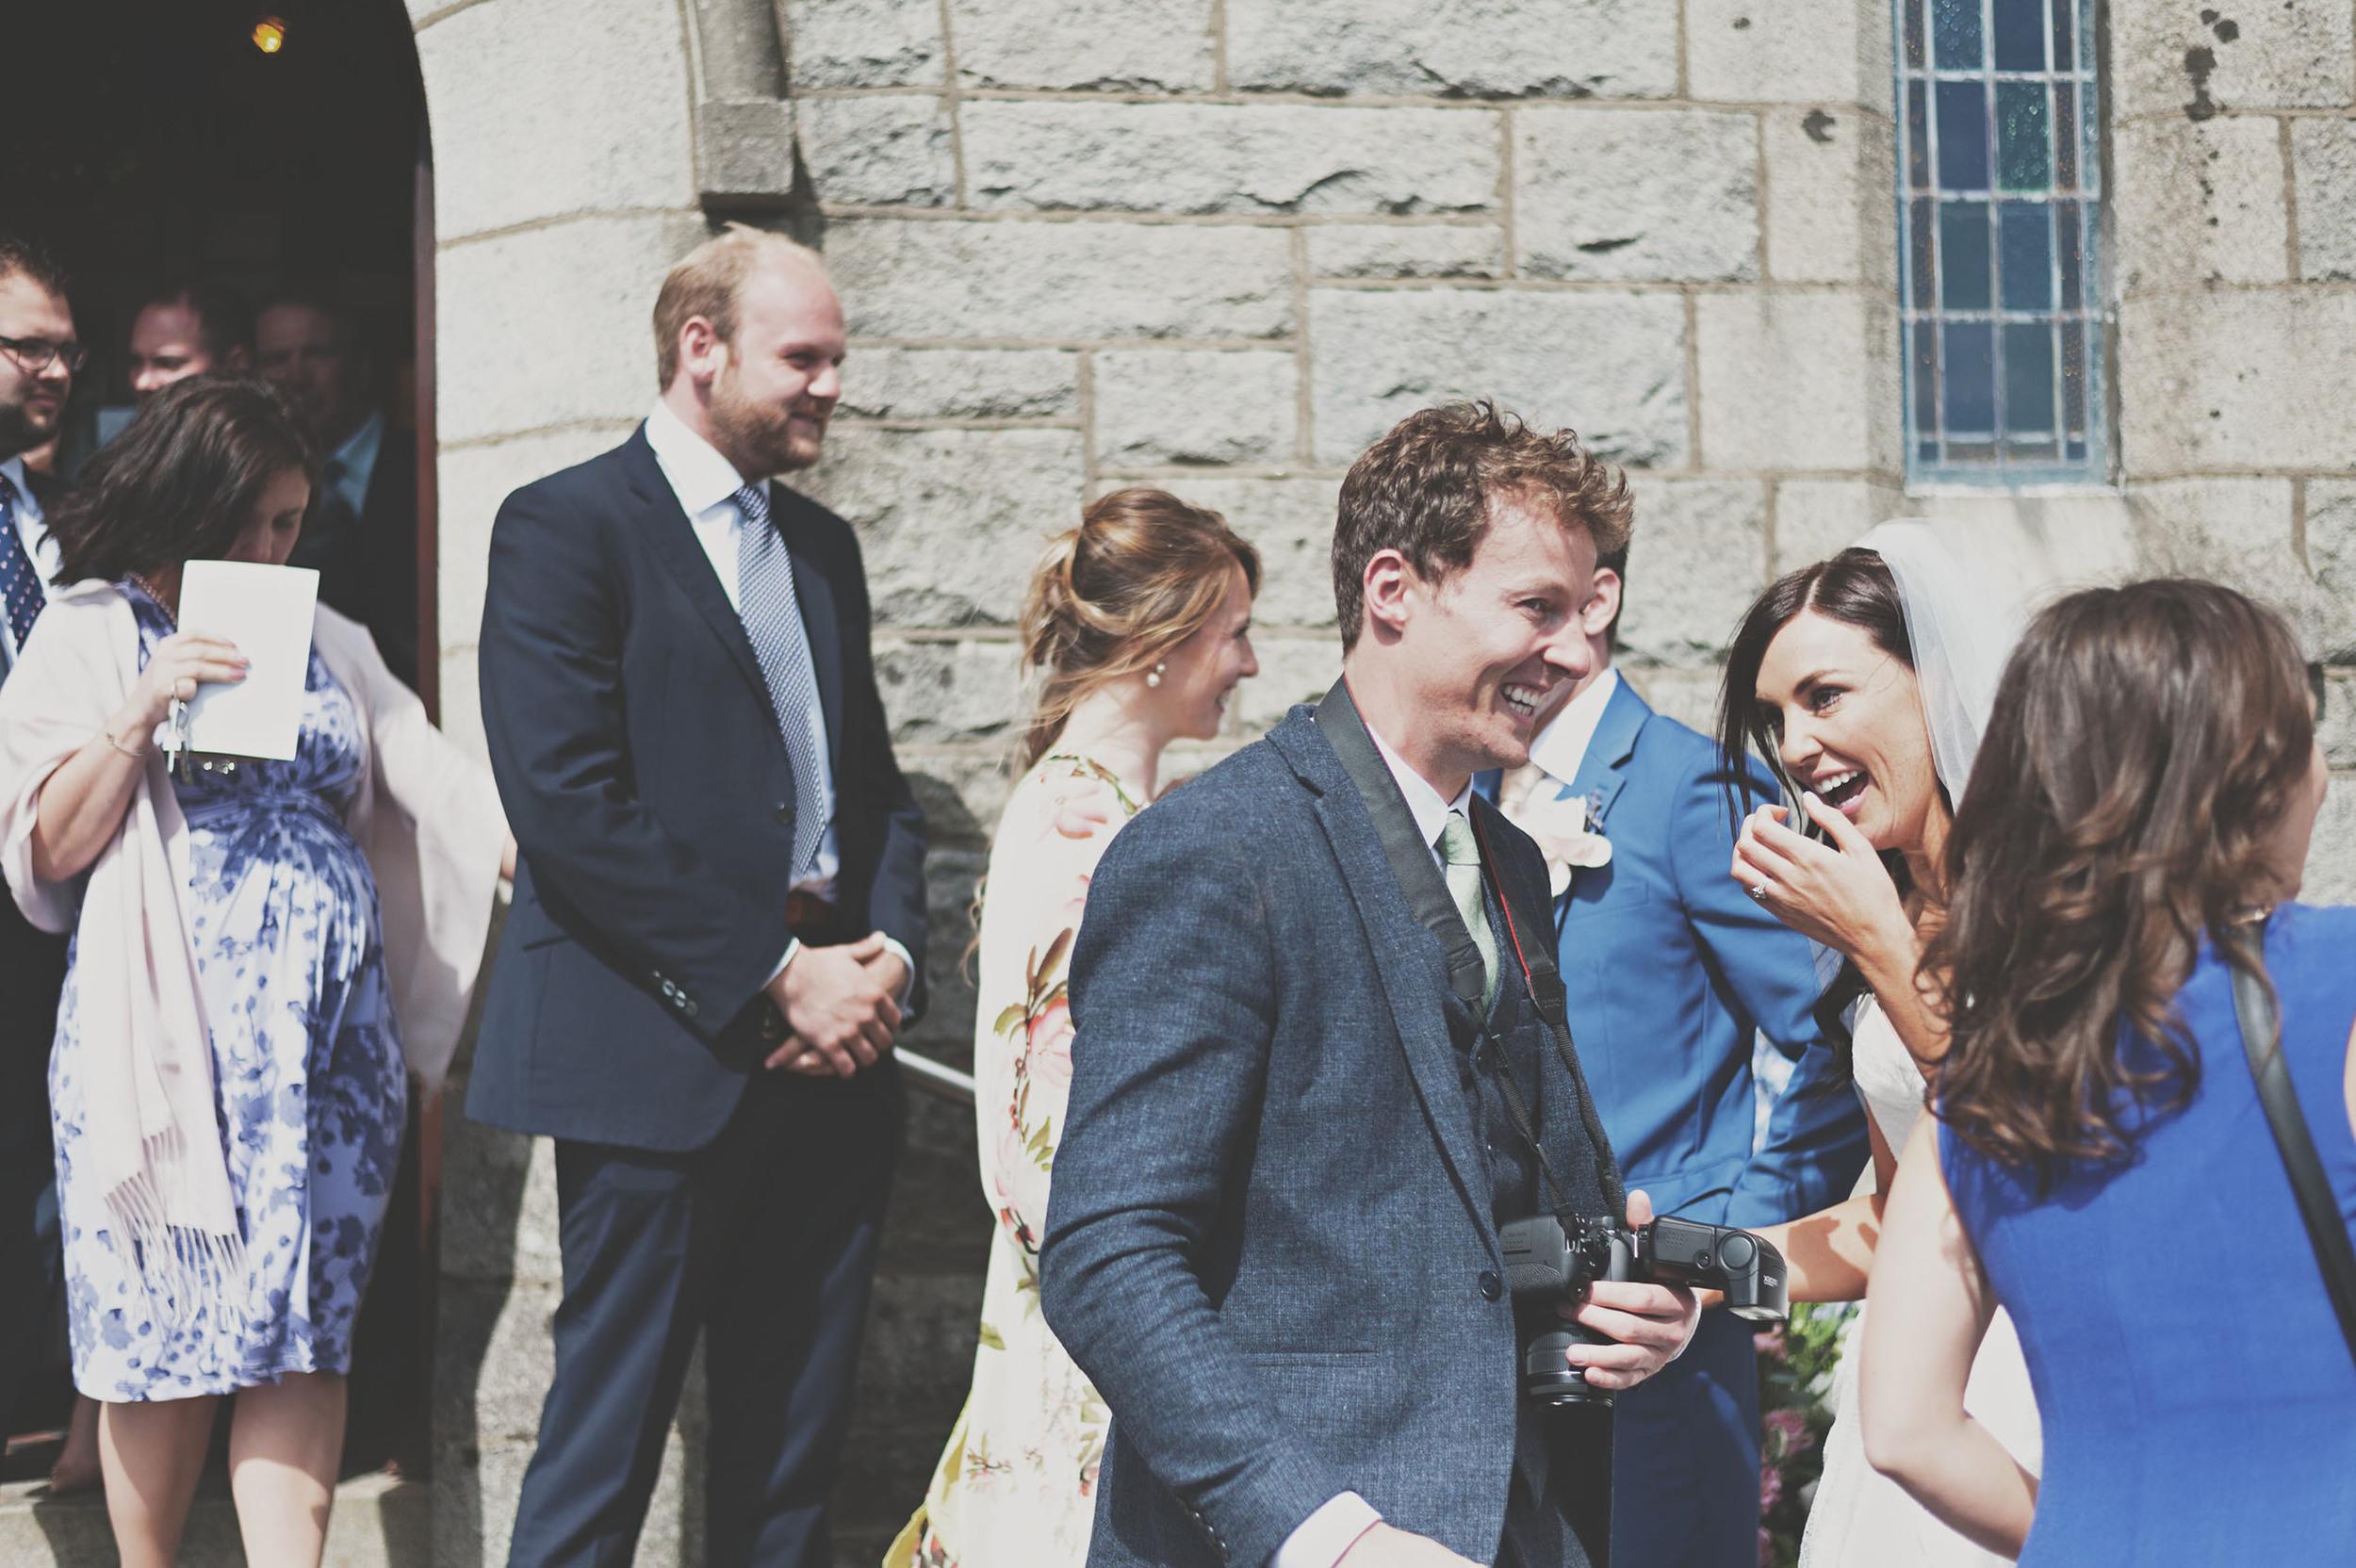 Julie & Matt's Seafield Wedding by Studio33weddings 065.jpg